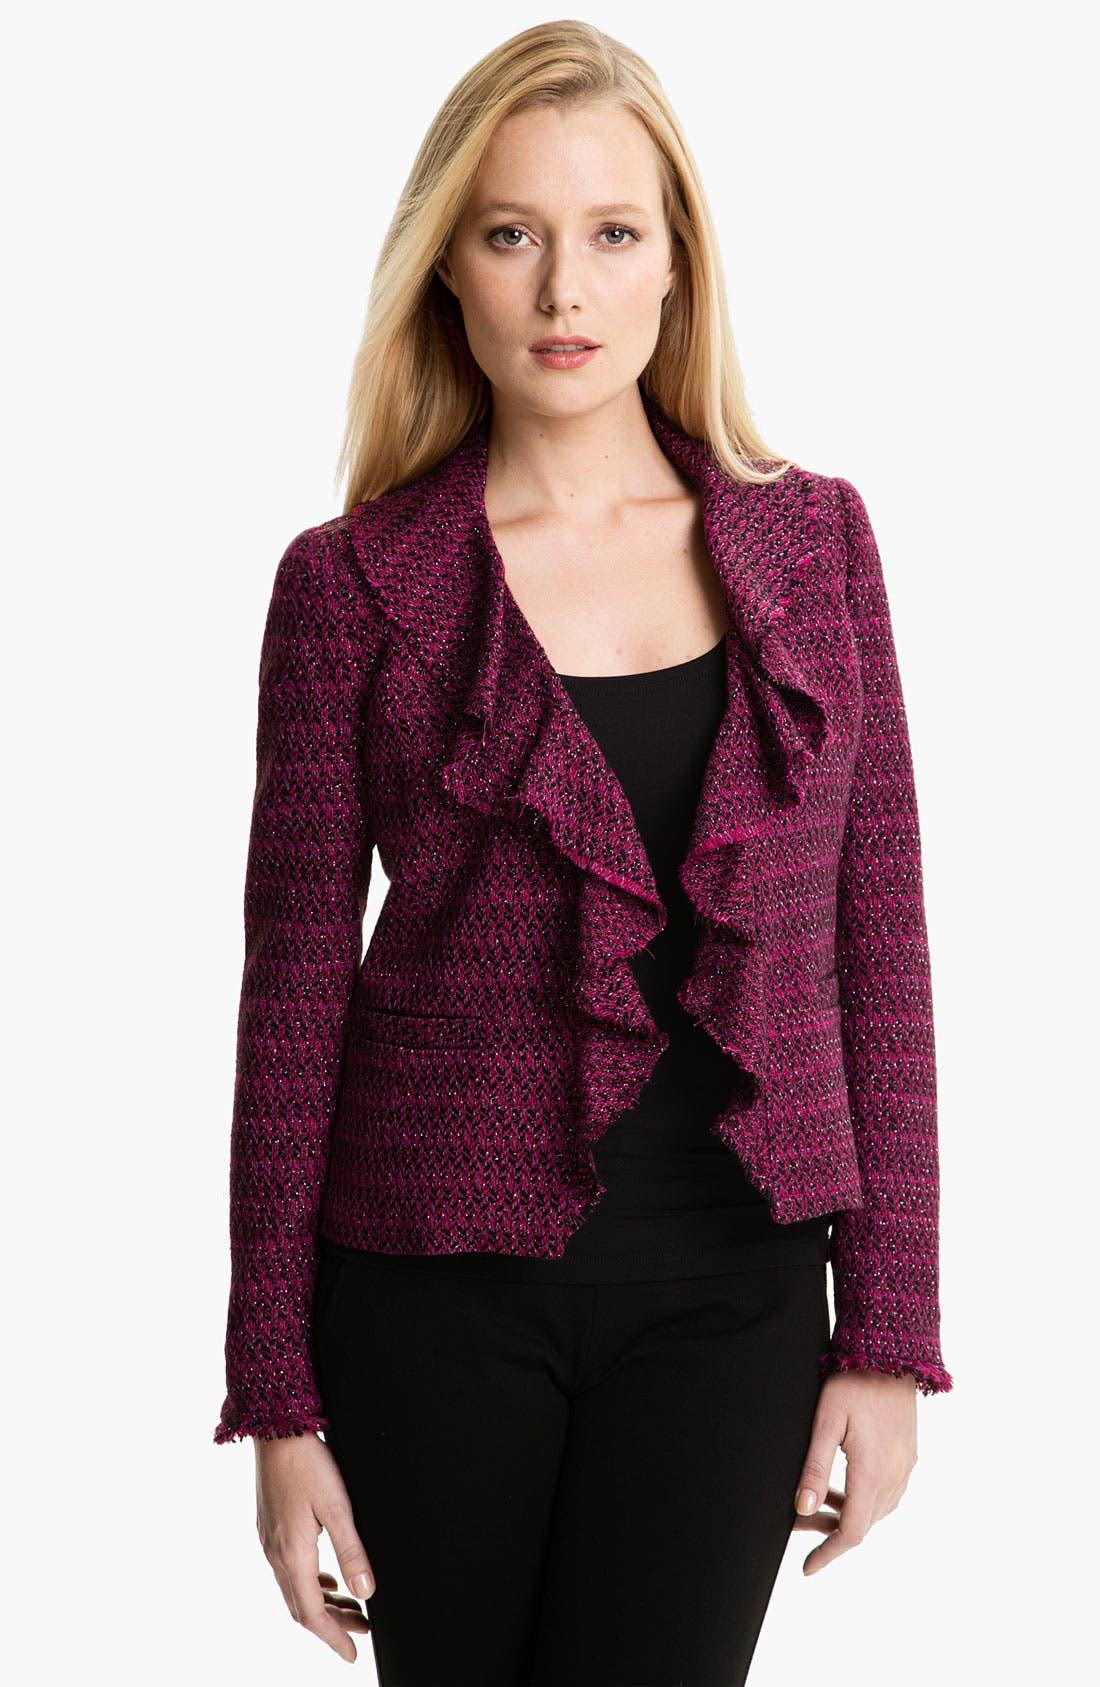 Alternate Image 1 Selected - Bellefleur 'Society' Tweed Jacket